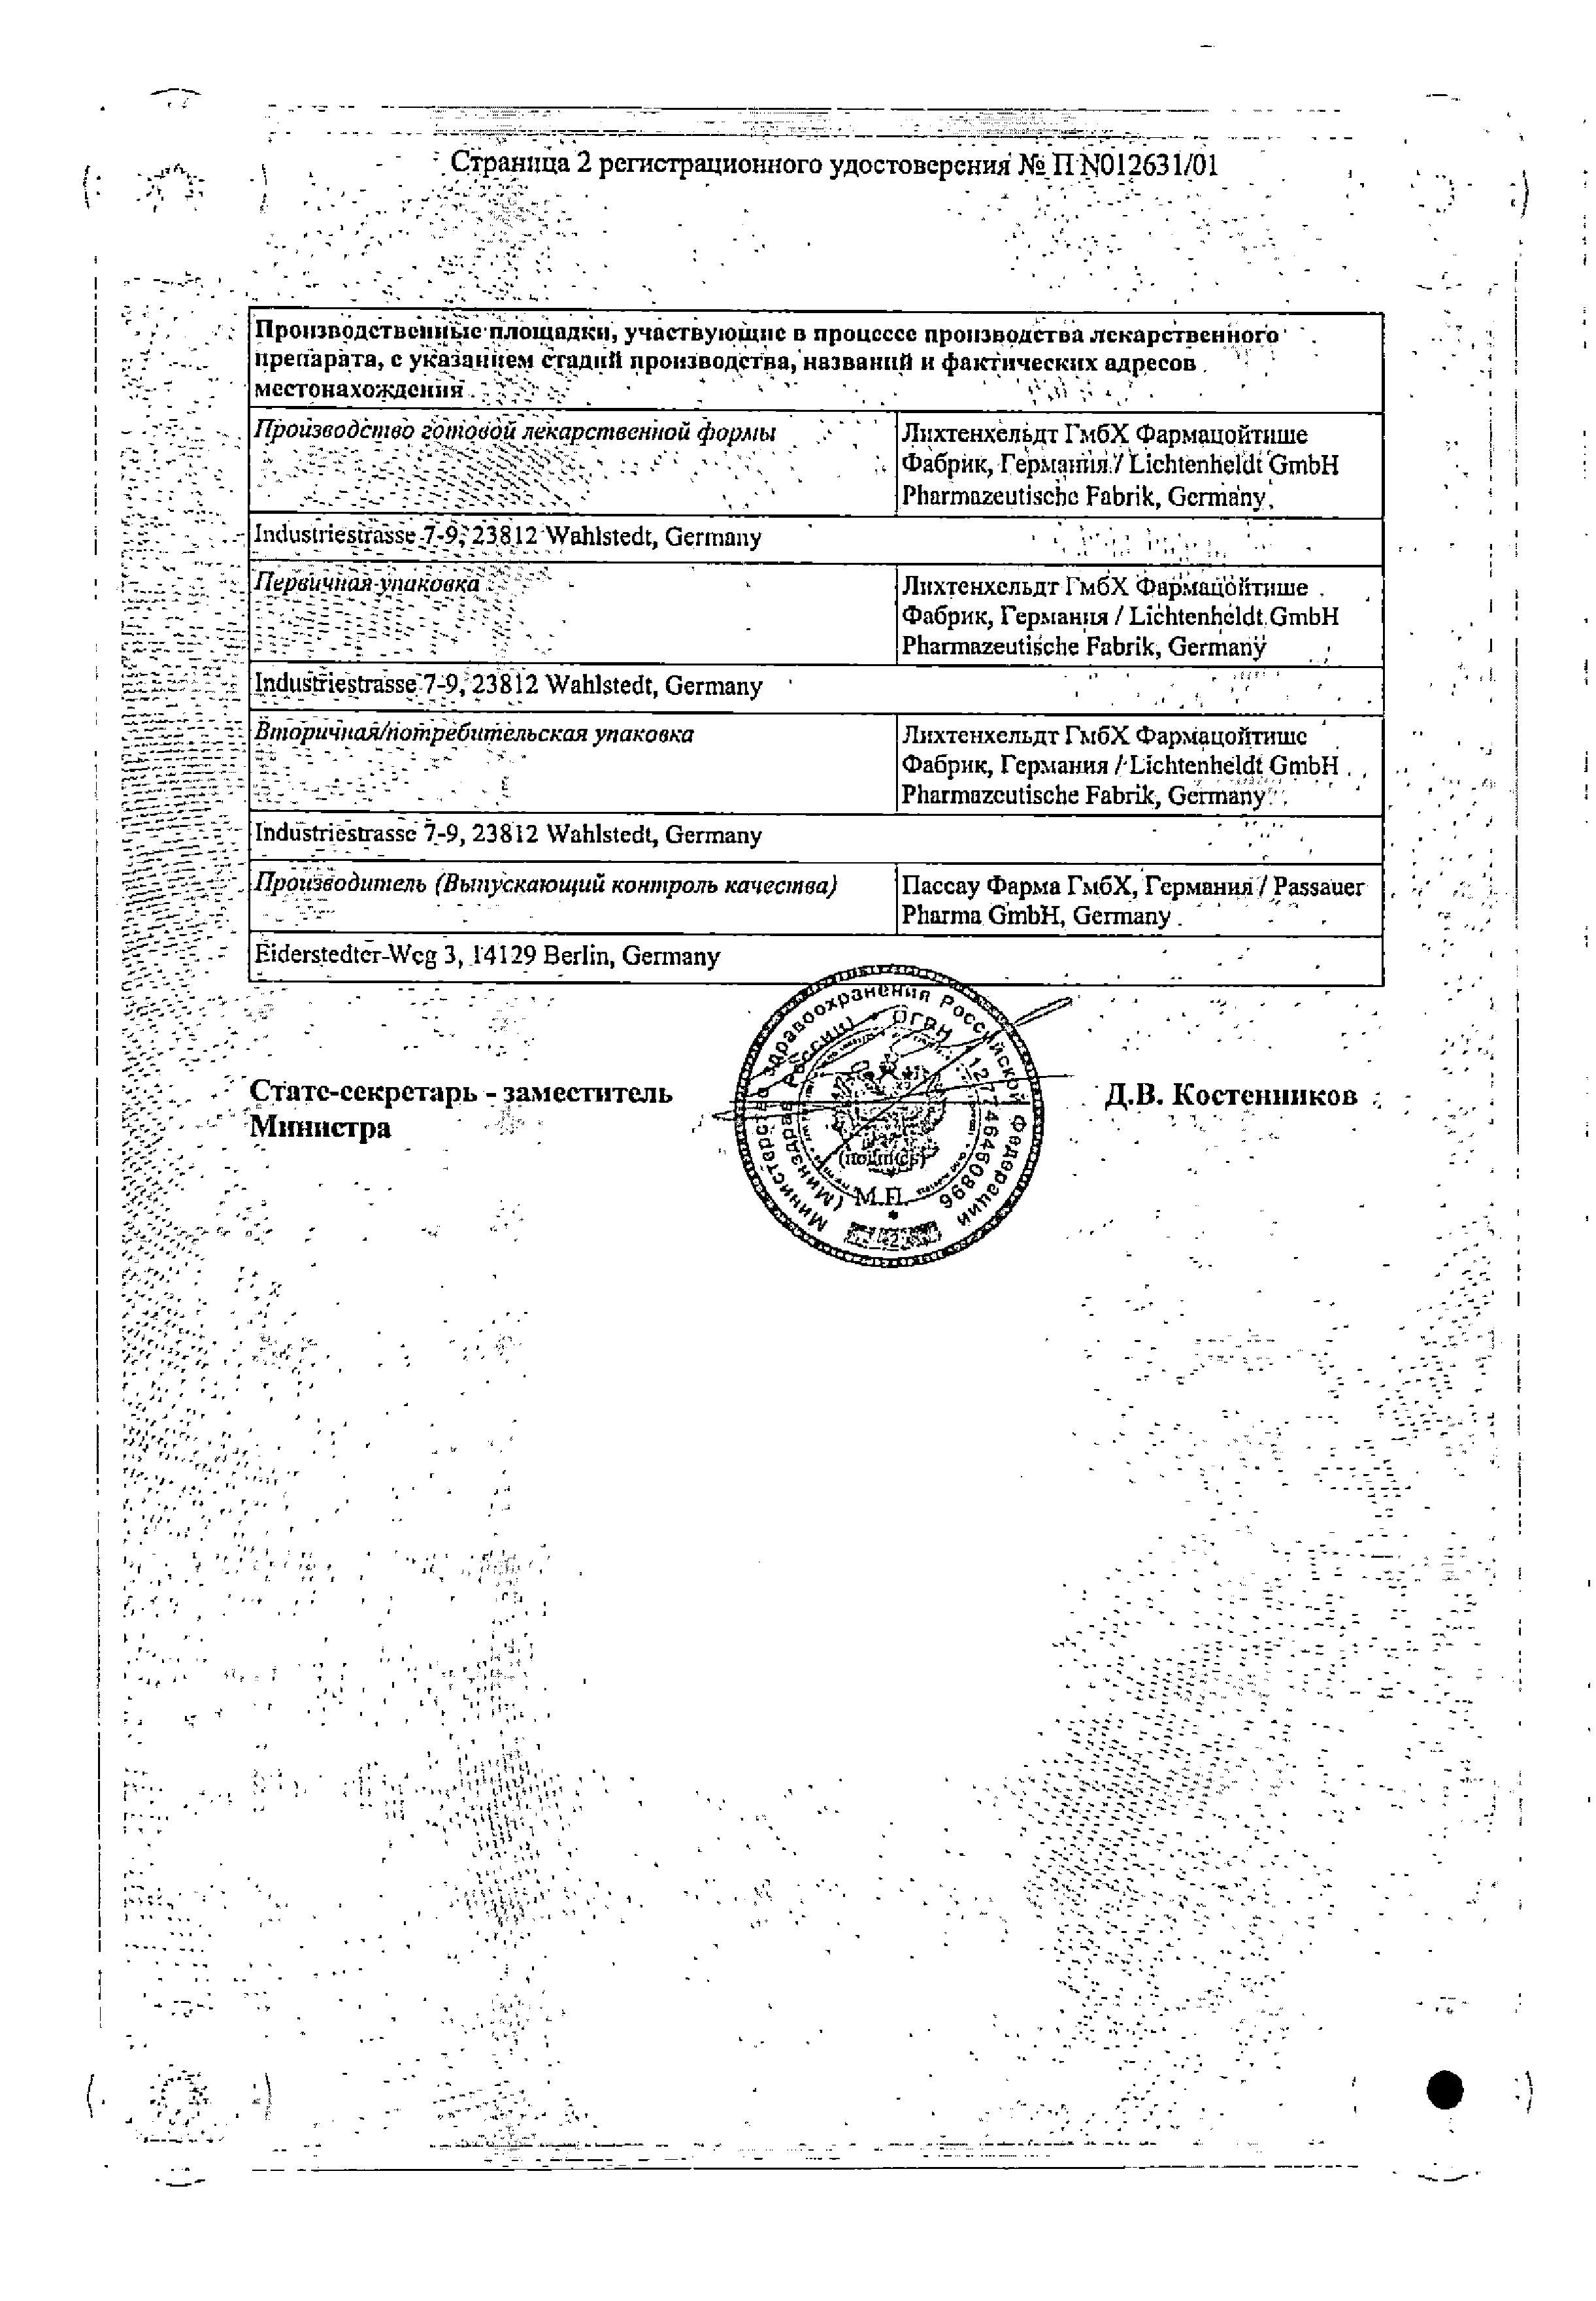 Апизартрон сертификат